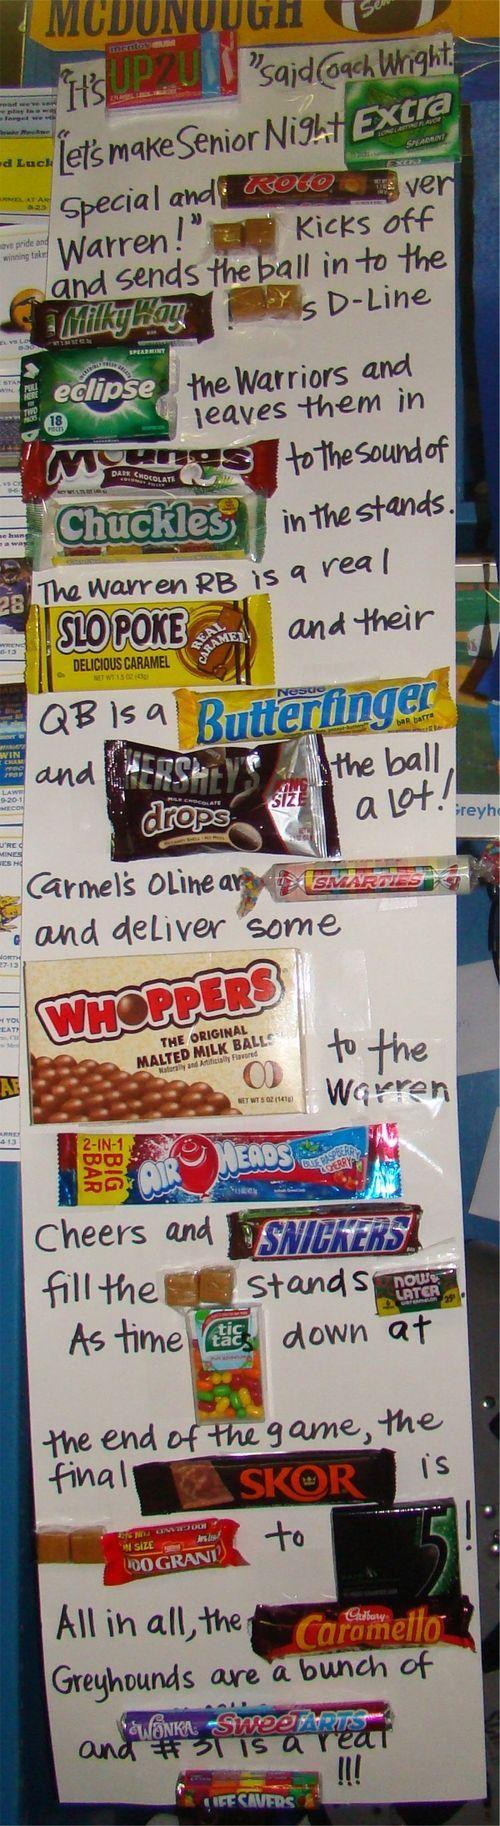 Senior week candy story--- http://freshpickedwhimsy.typepad.com/fresh_picked_whimsy/2013/10/senior-week.html